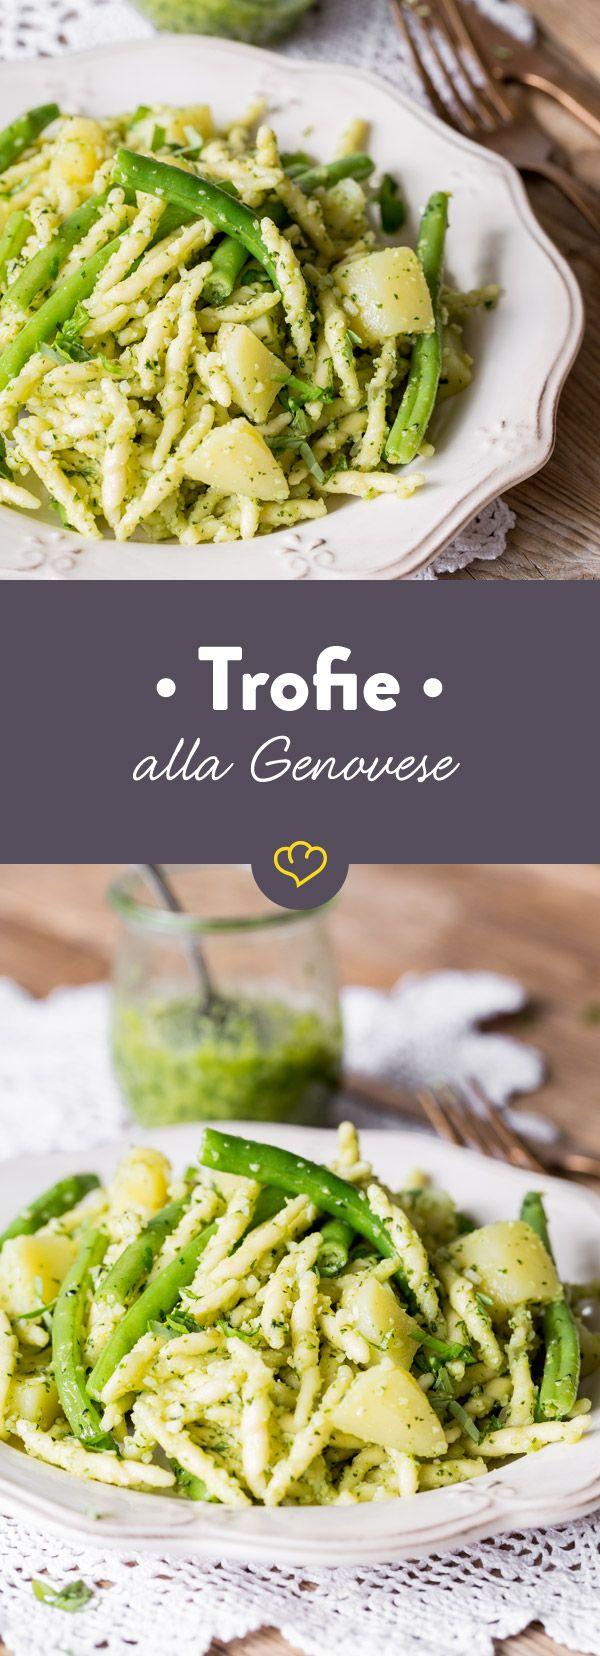 Um dein frisches Pesto richtig in Szene zu setzten, machst du es genau wie die Italiener. Misch das frische Pesto mit Trofie, Kartoffeln und grünen Bohnen.